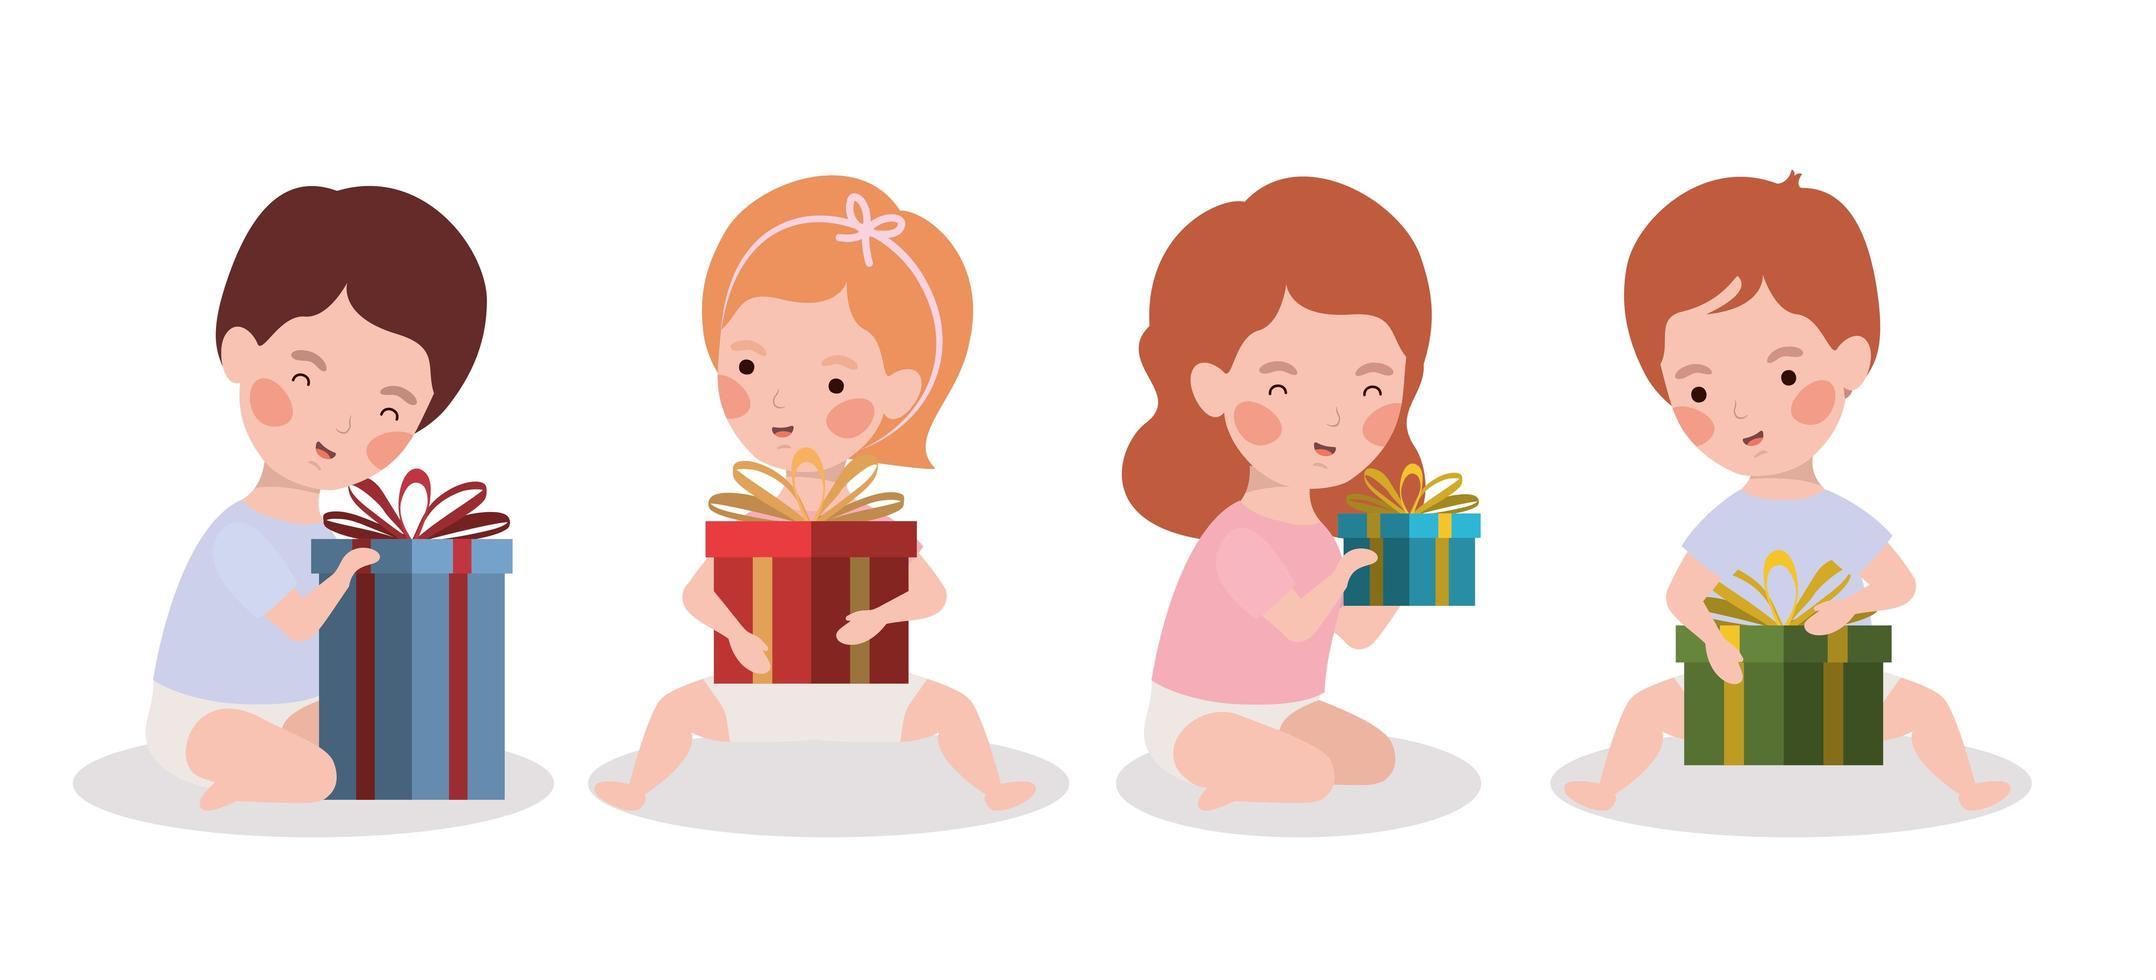 niños pequeños con celebración de regalos de navidad vector